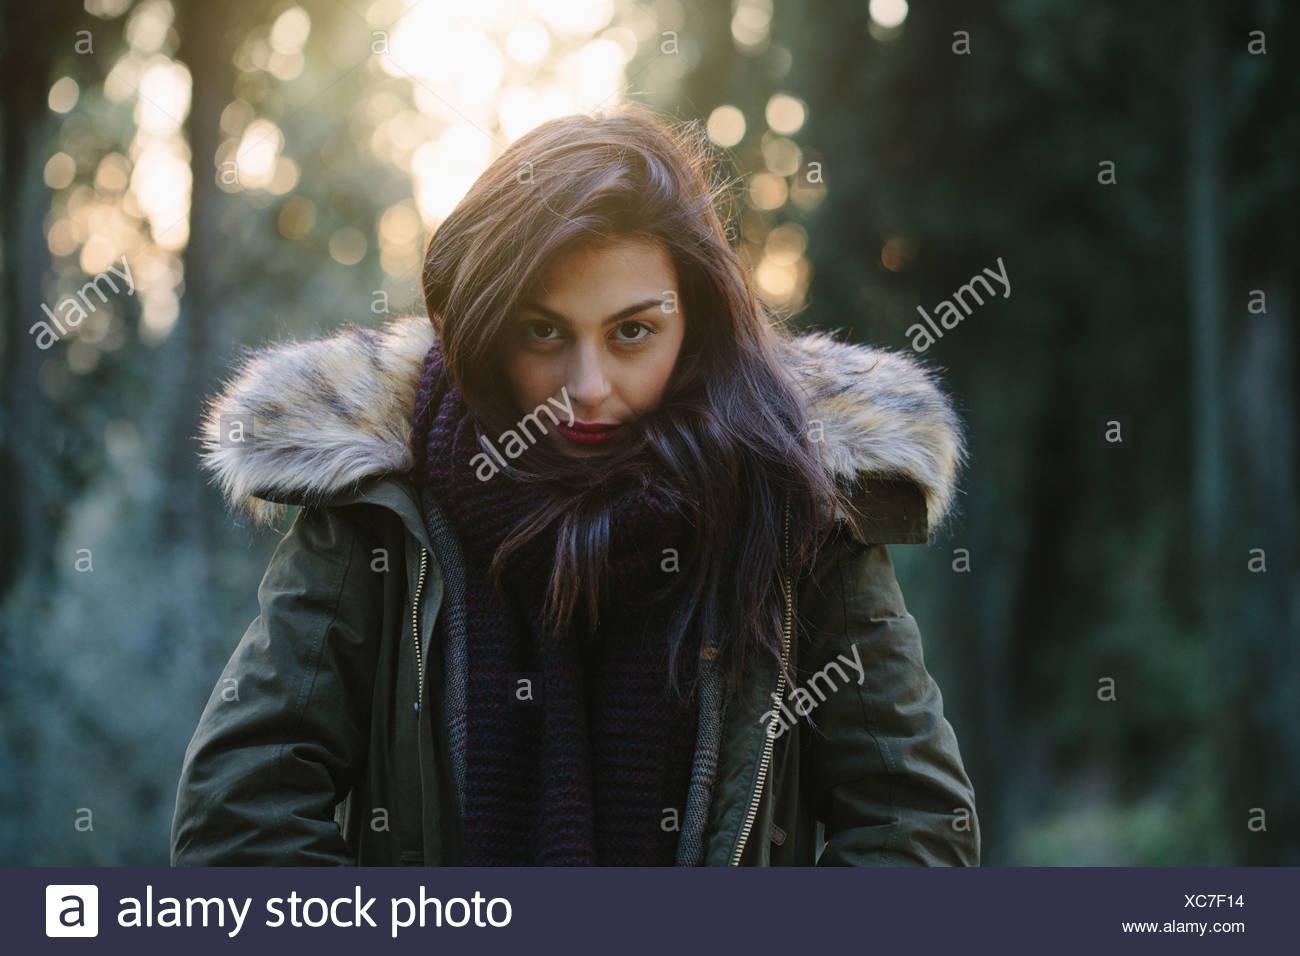 Porträt von attraktiven jungen Frau im Wald Stockbild